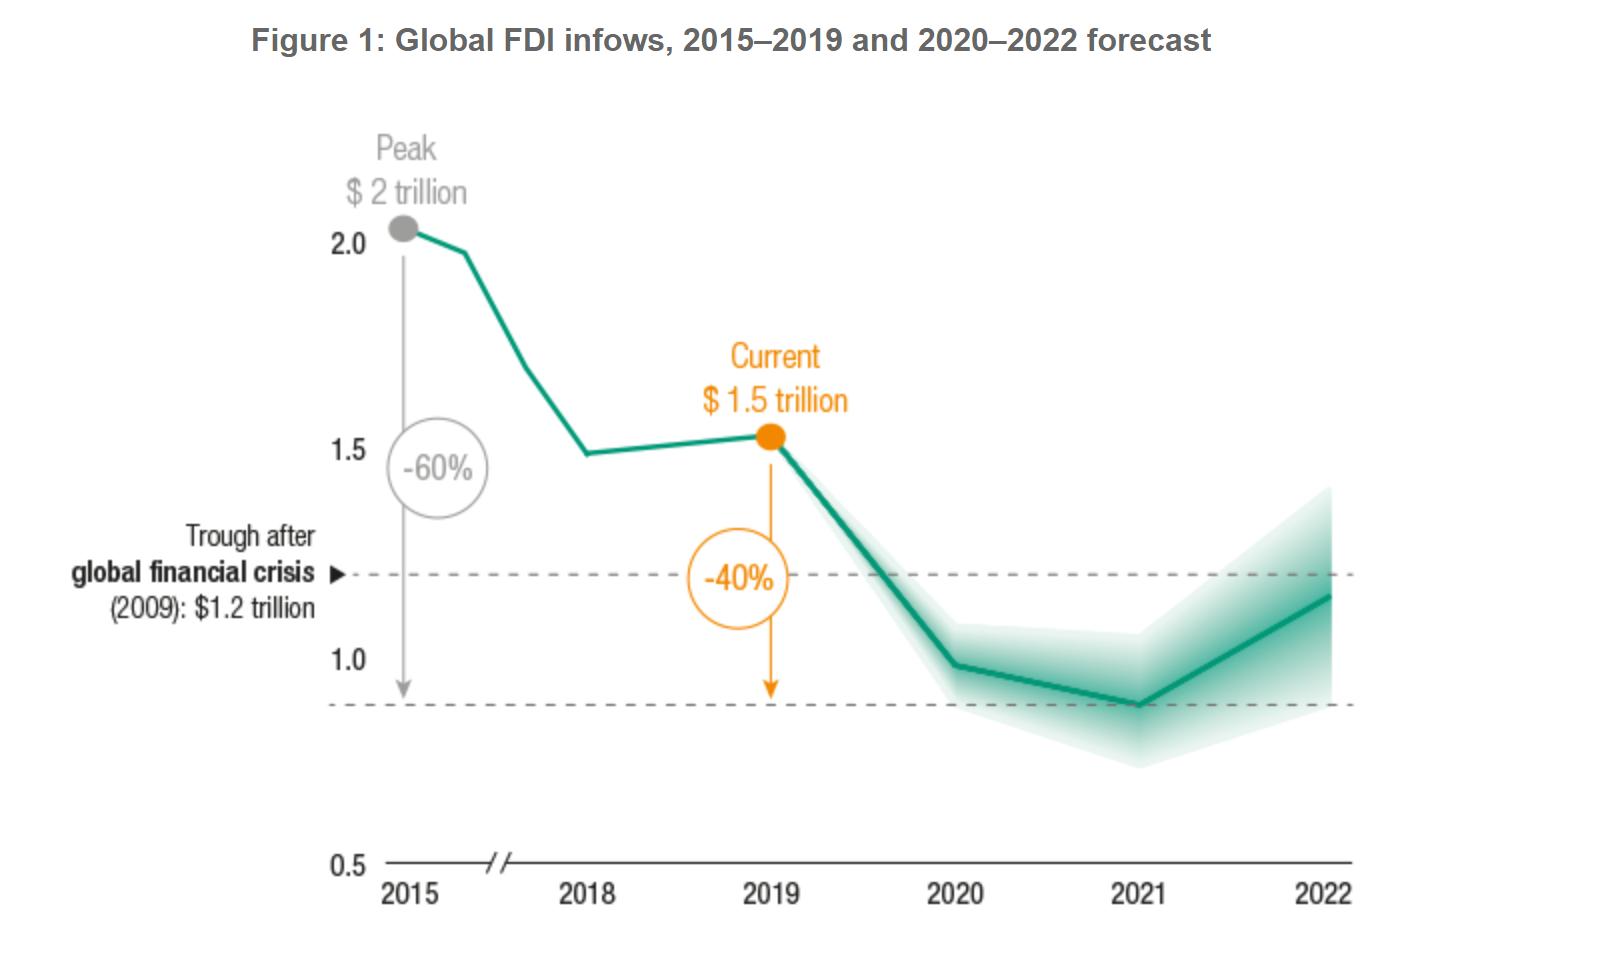 联合国:今年全球FDI恐骤降40%并创新低 2022年前不会复苏